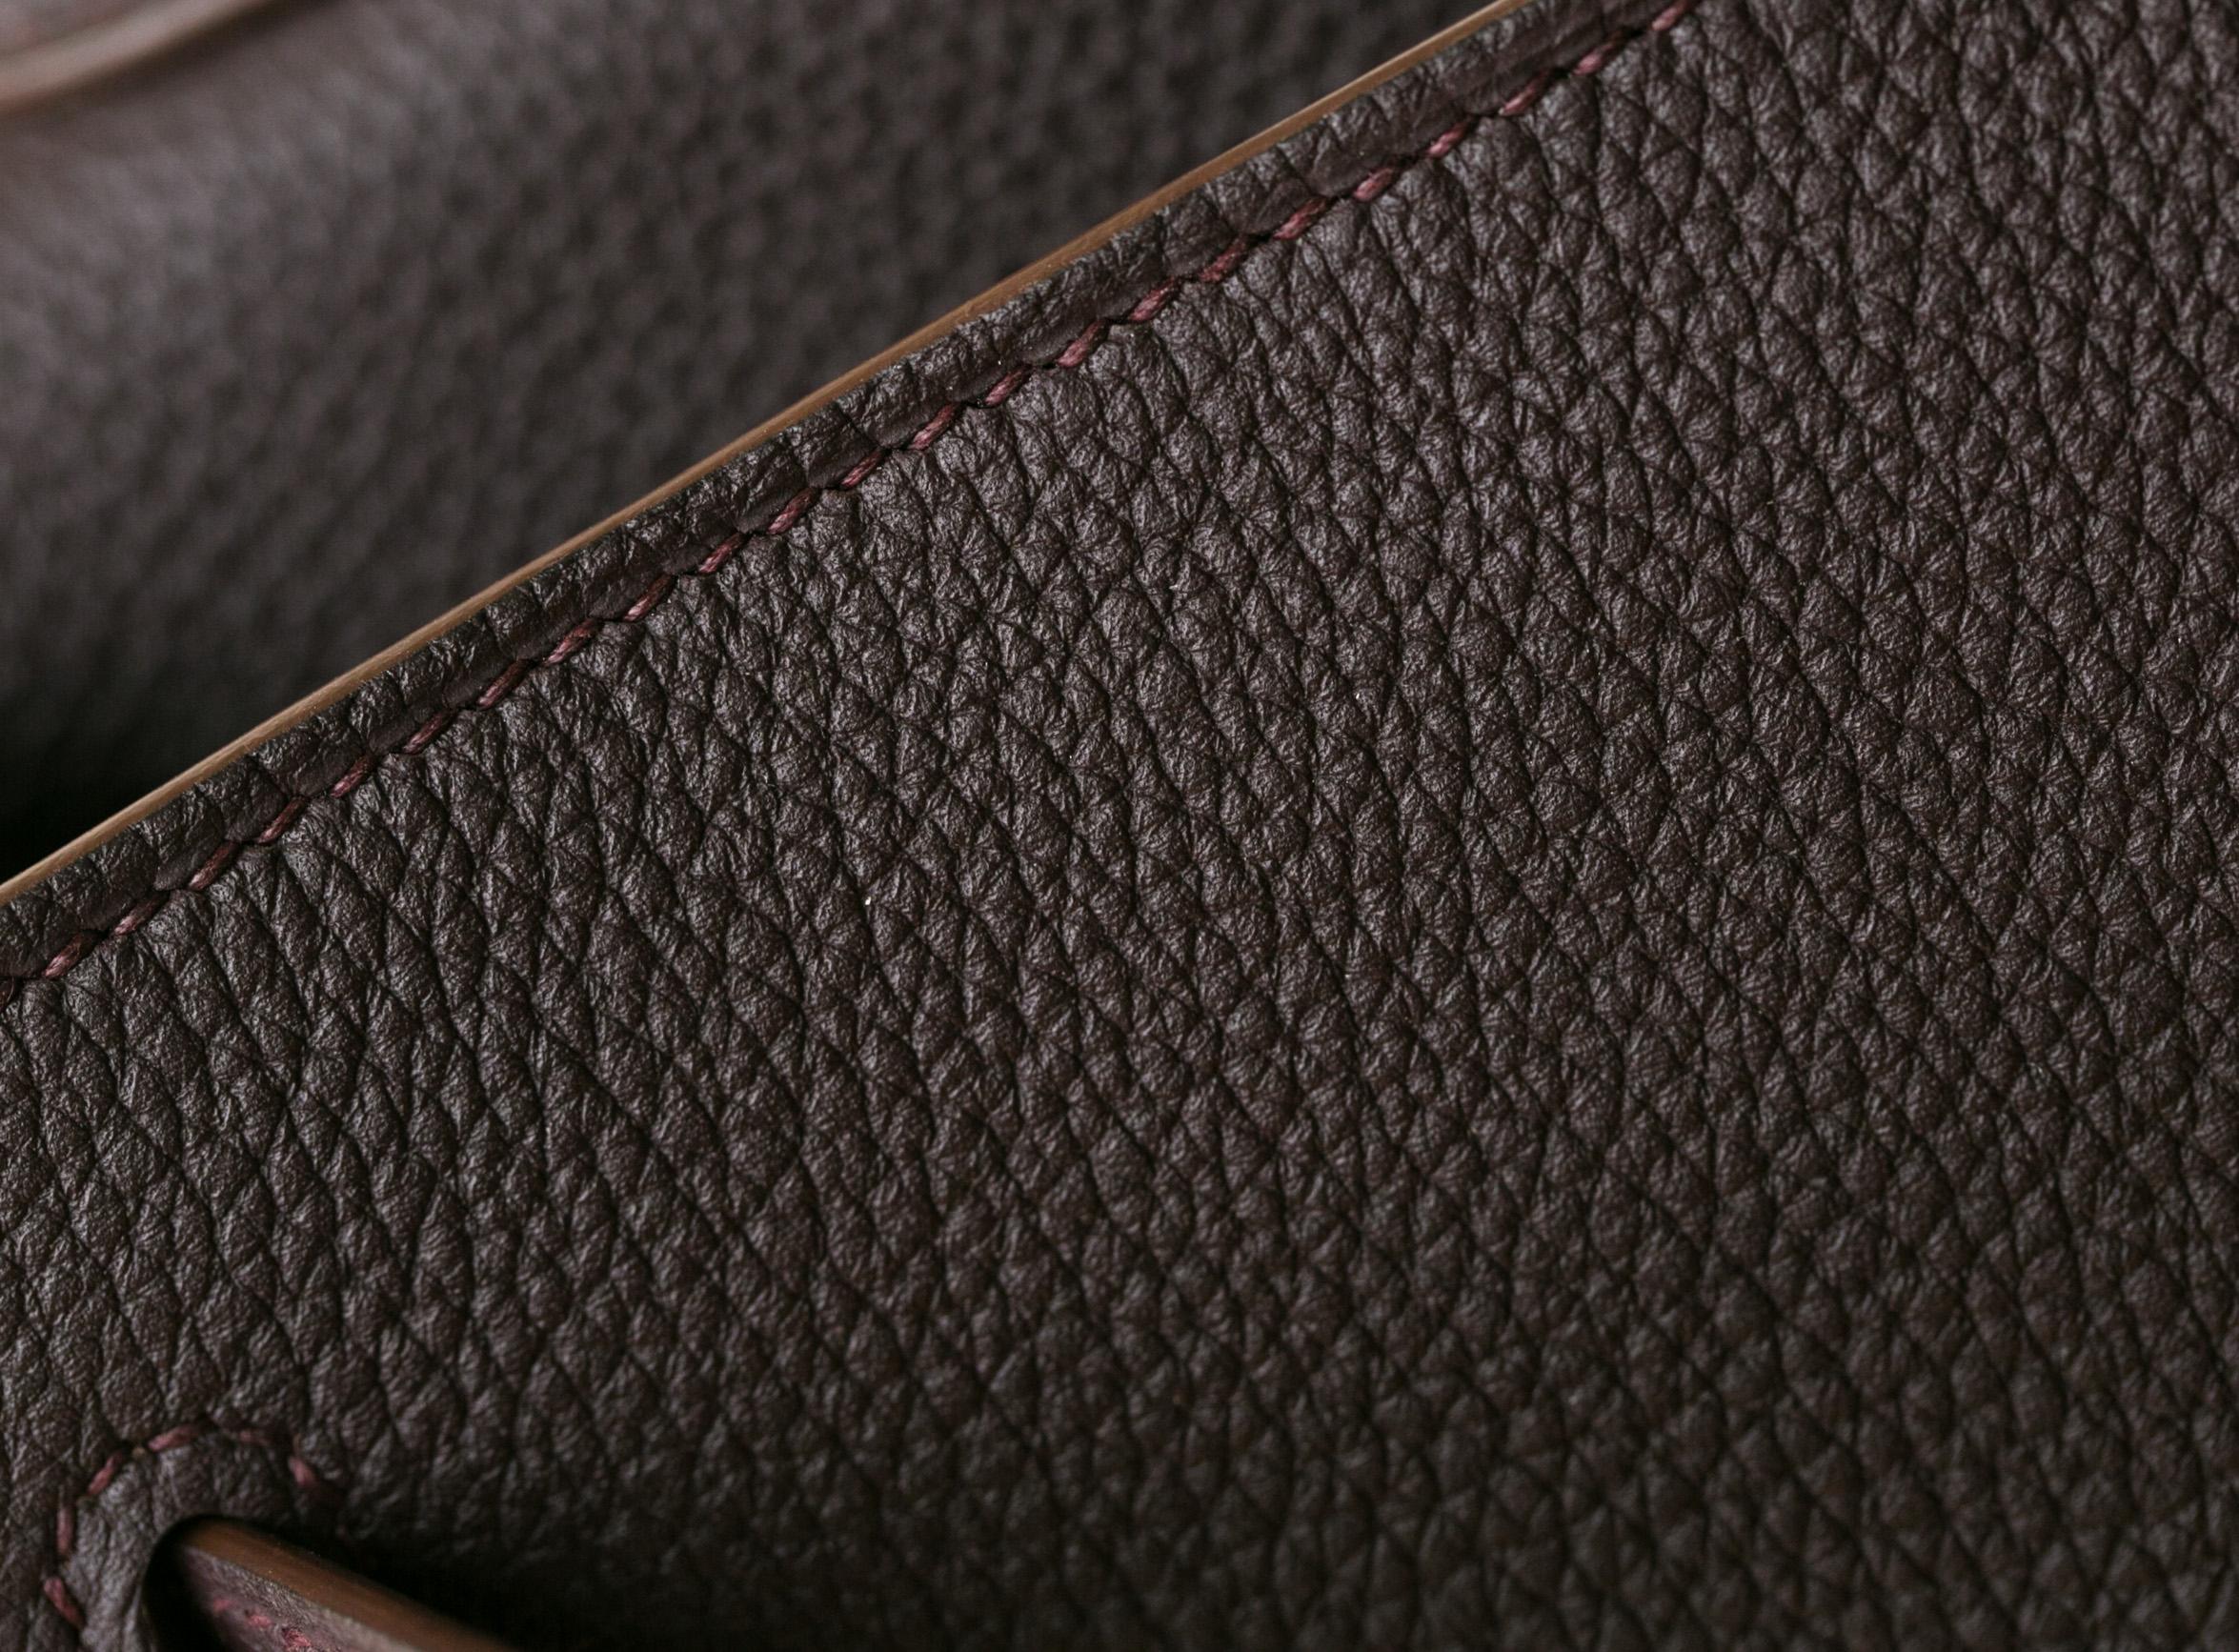 爱马仕凯莉包 Hermes Kelly32cm 4H深咖啡色进口togo牛皮